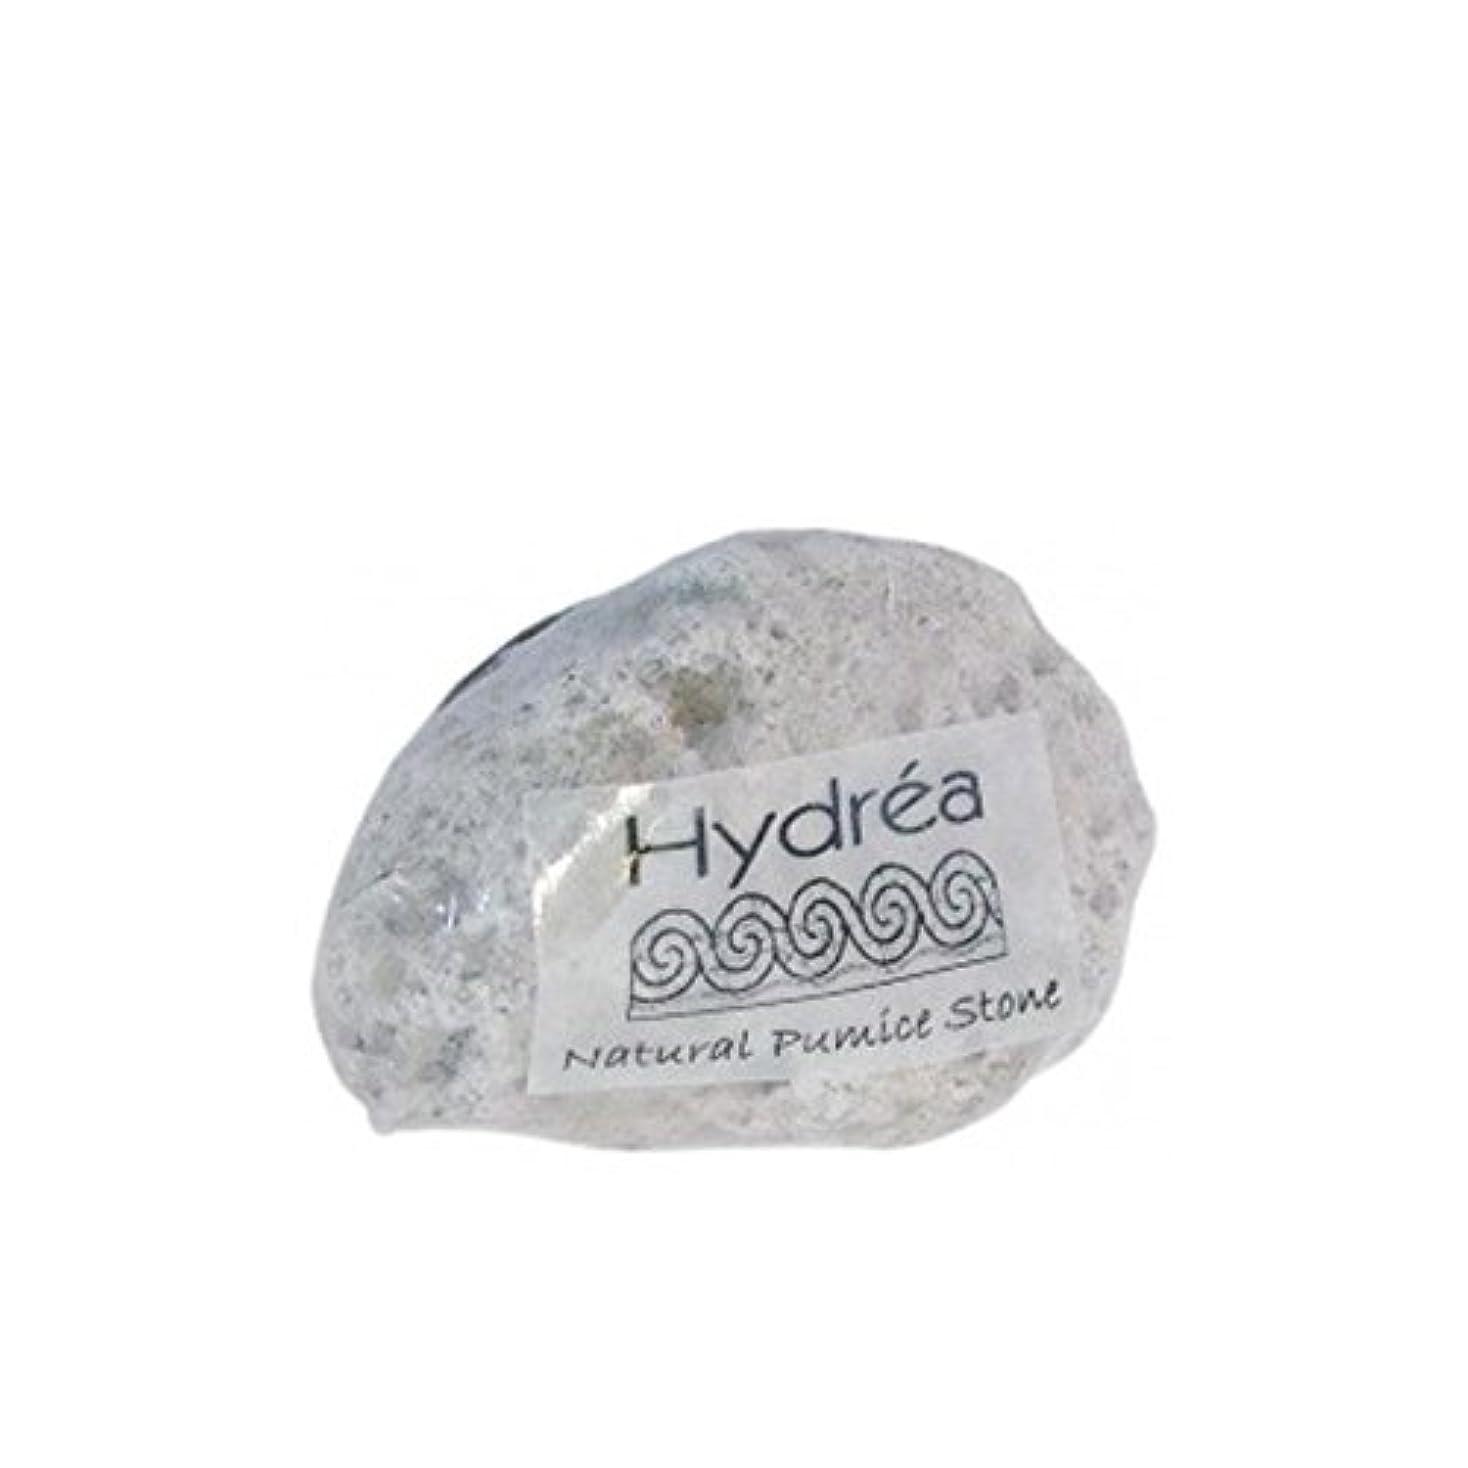 ストリームフォージ日帰り旅行にハイドレアロンドン - 自然軽石 x2 - Hydrea London - Natural Pumice Stone (Pack of 2) [並行輸入品]